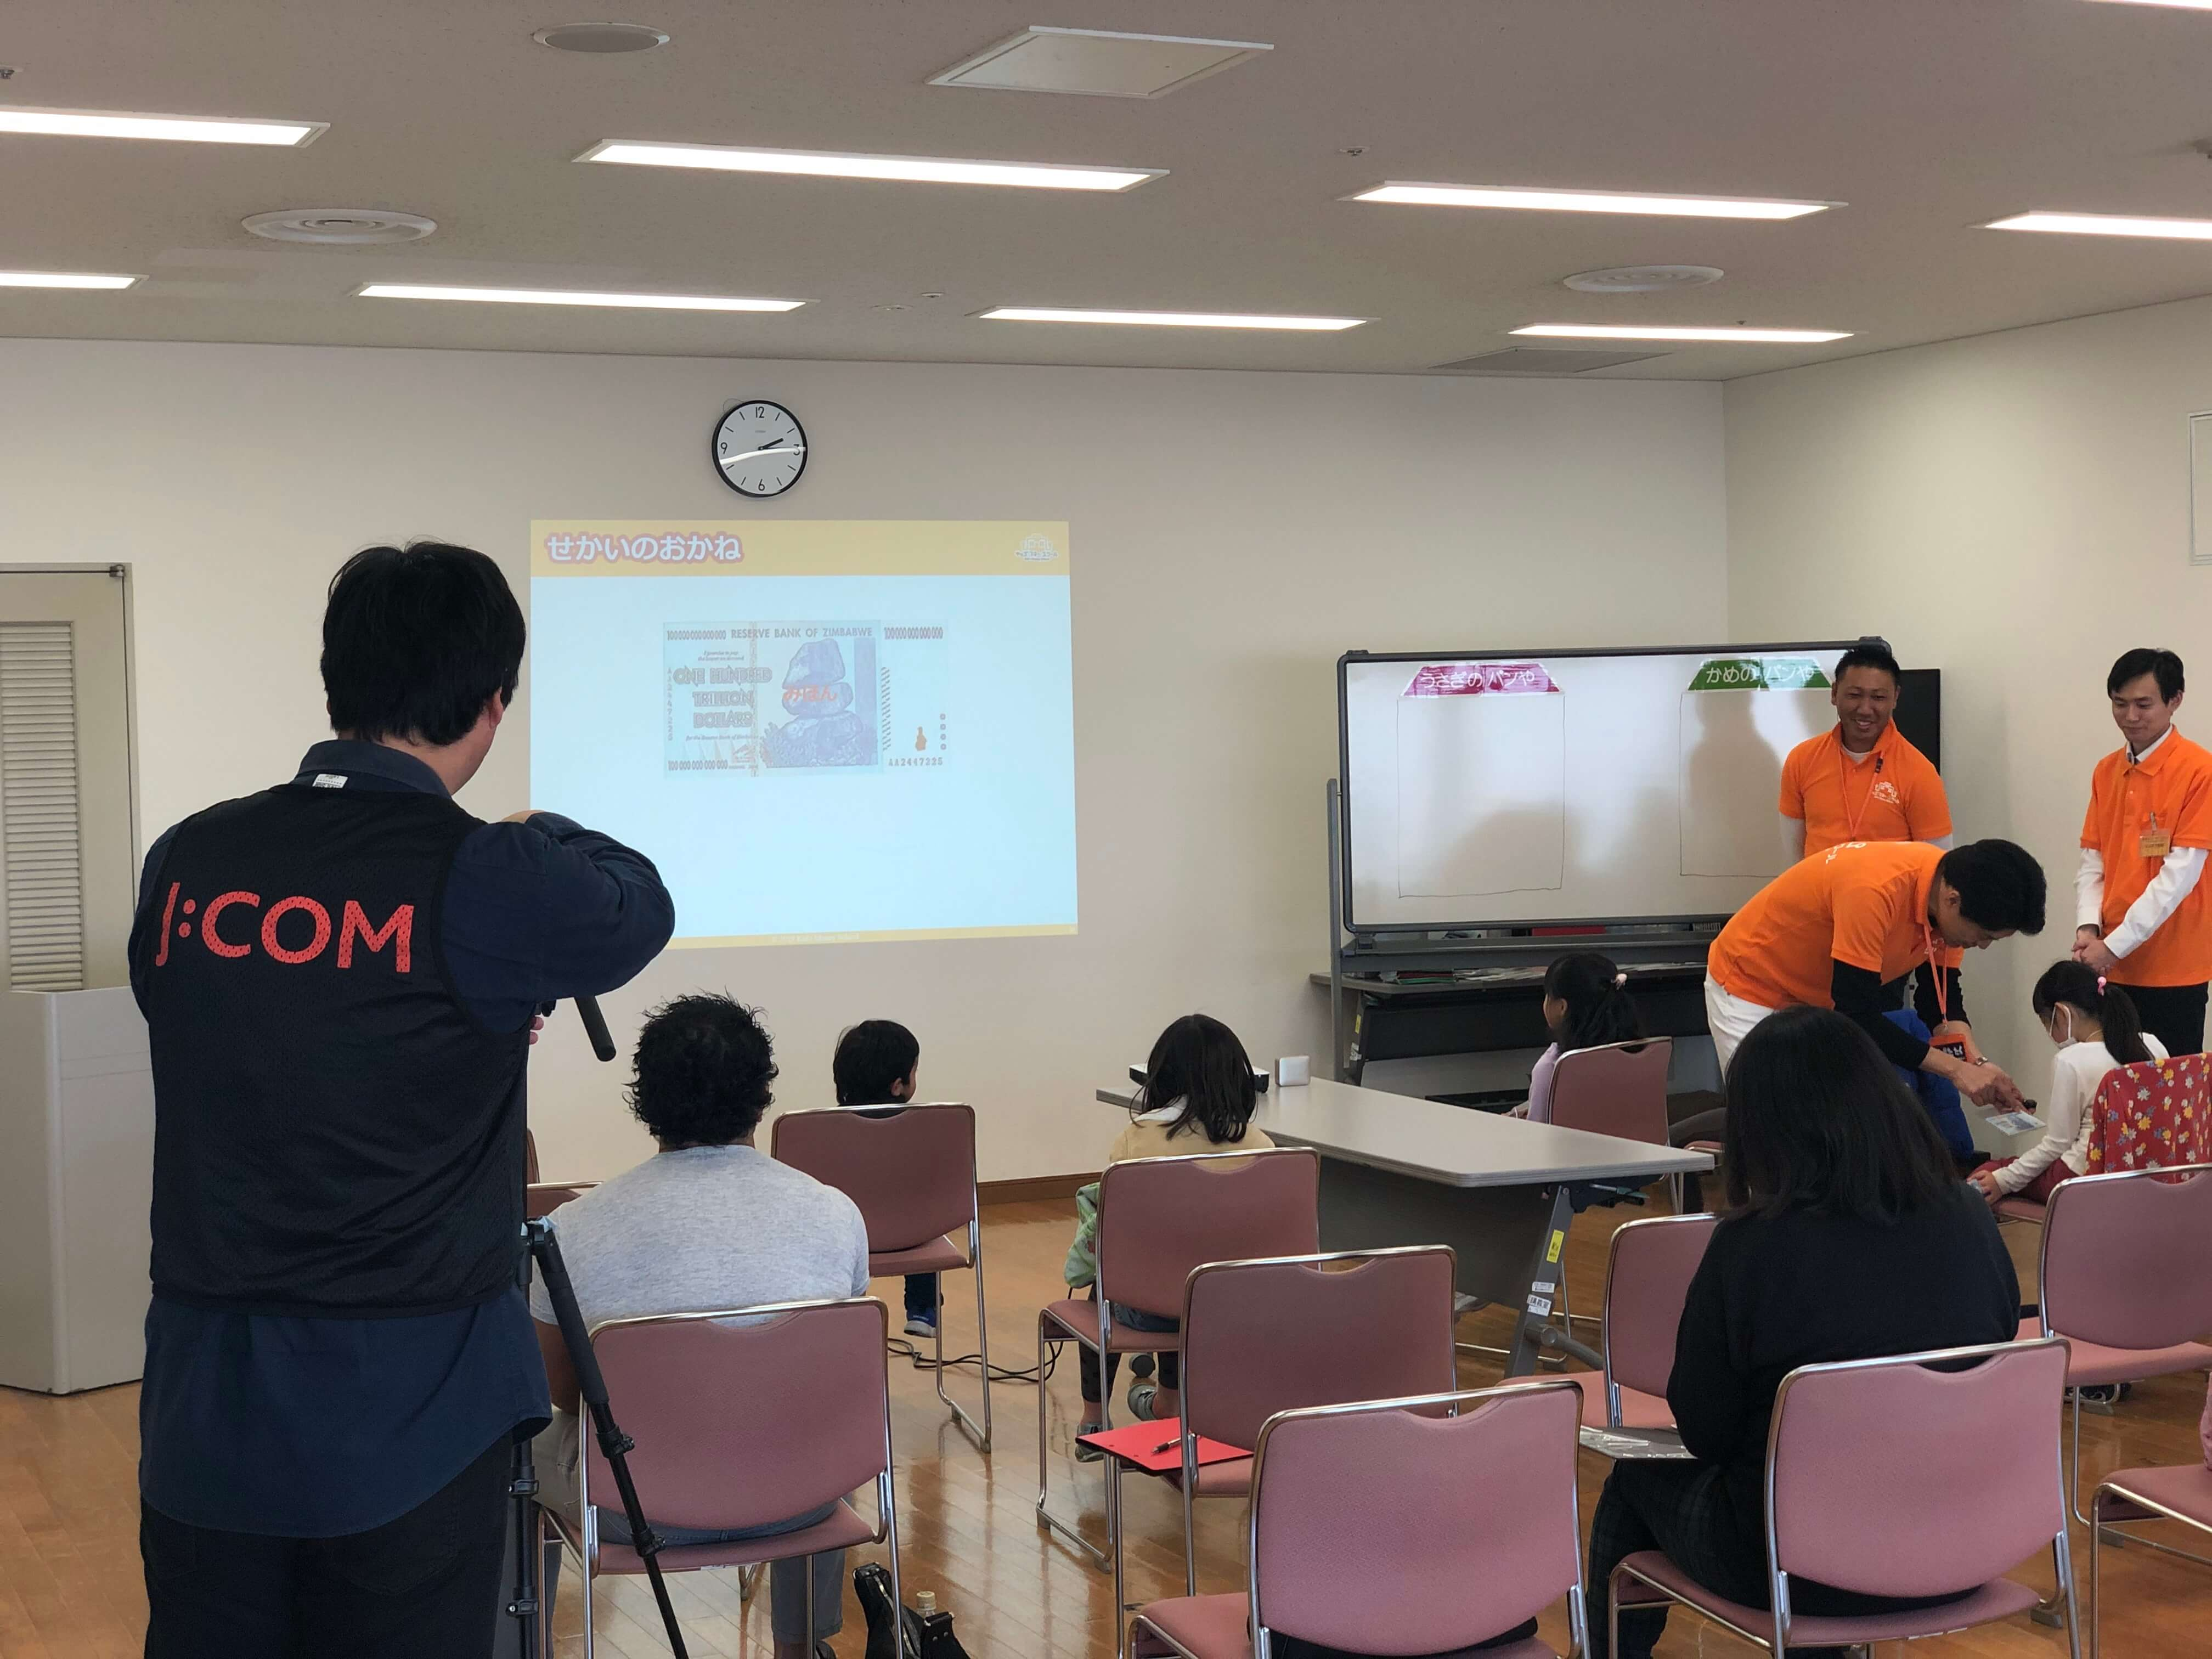 東京キッズマネースクール-2019年12月14日-JCOM_000